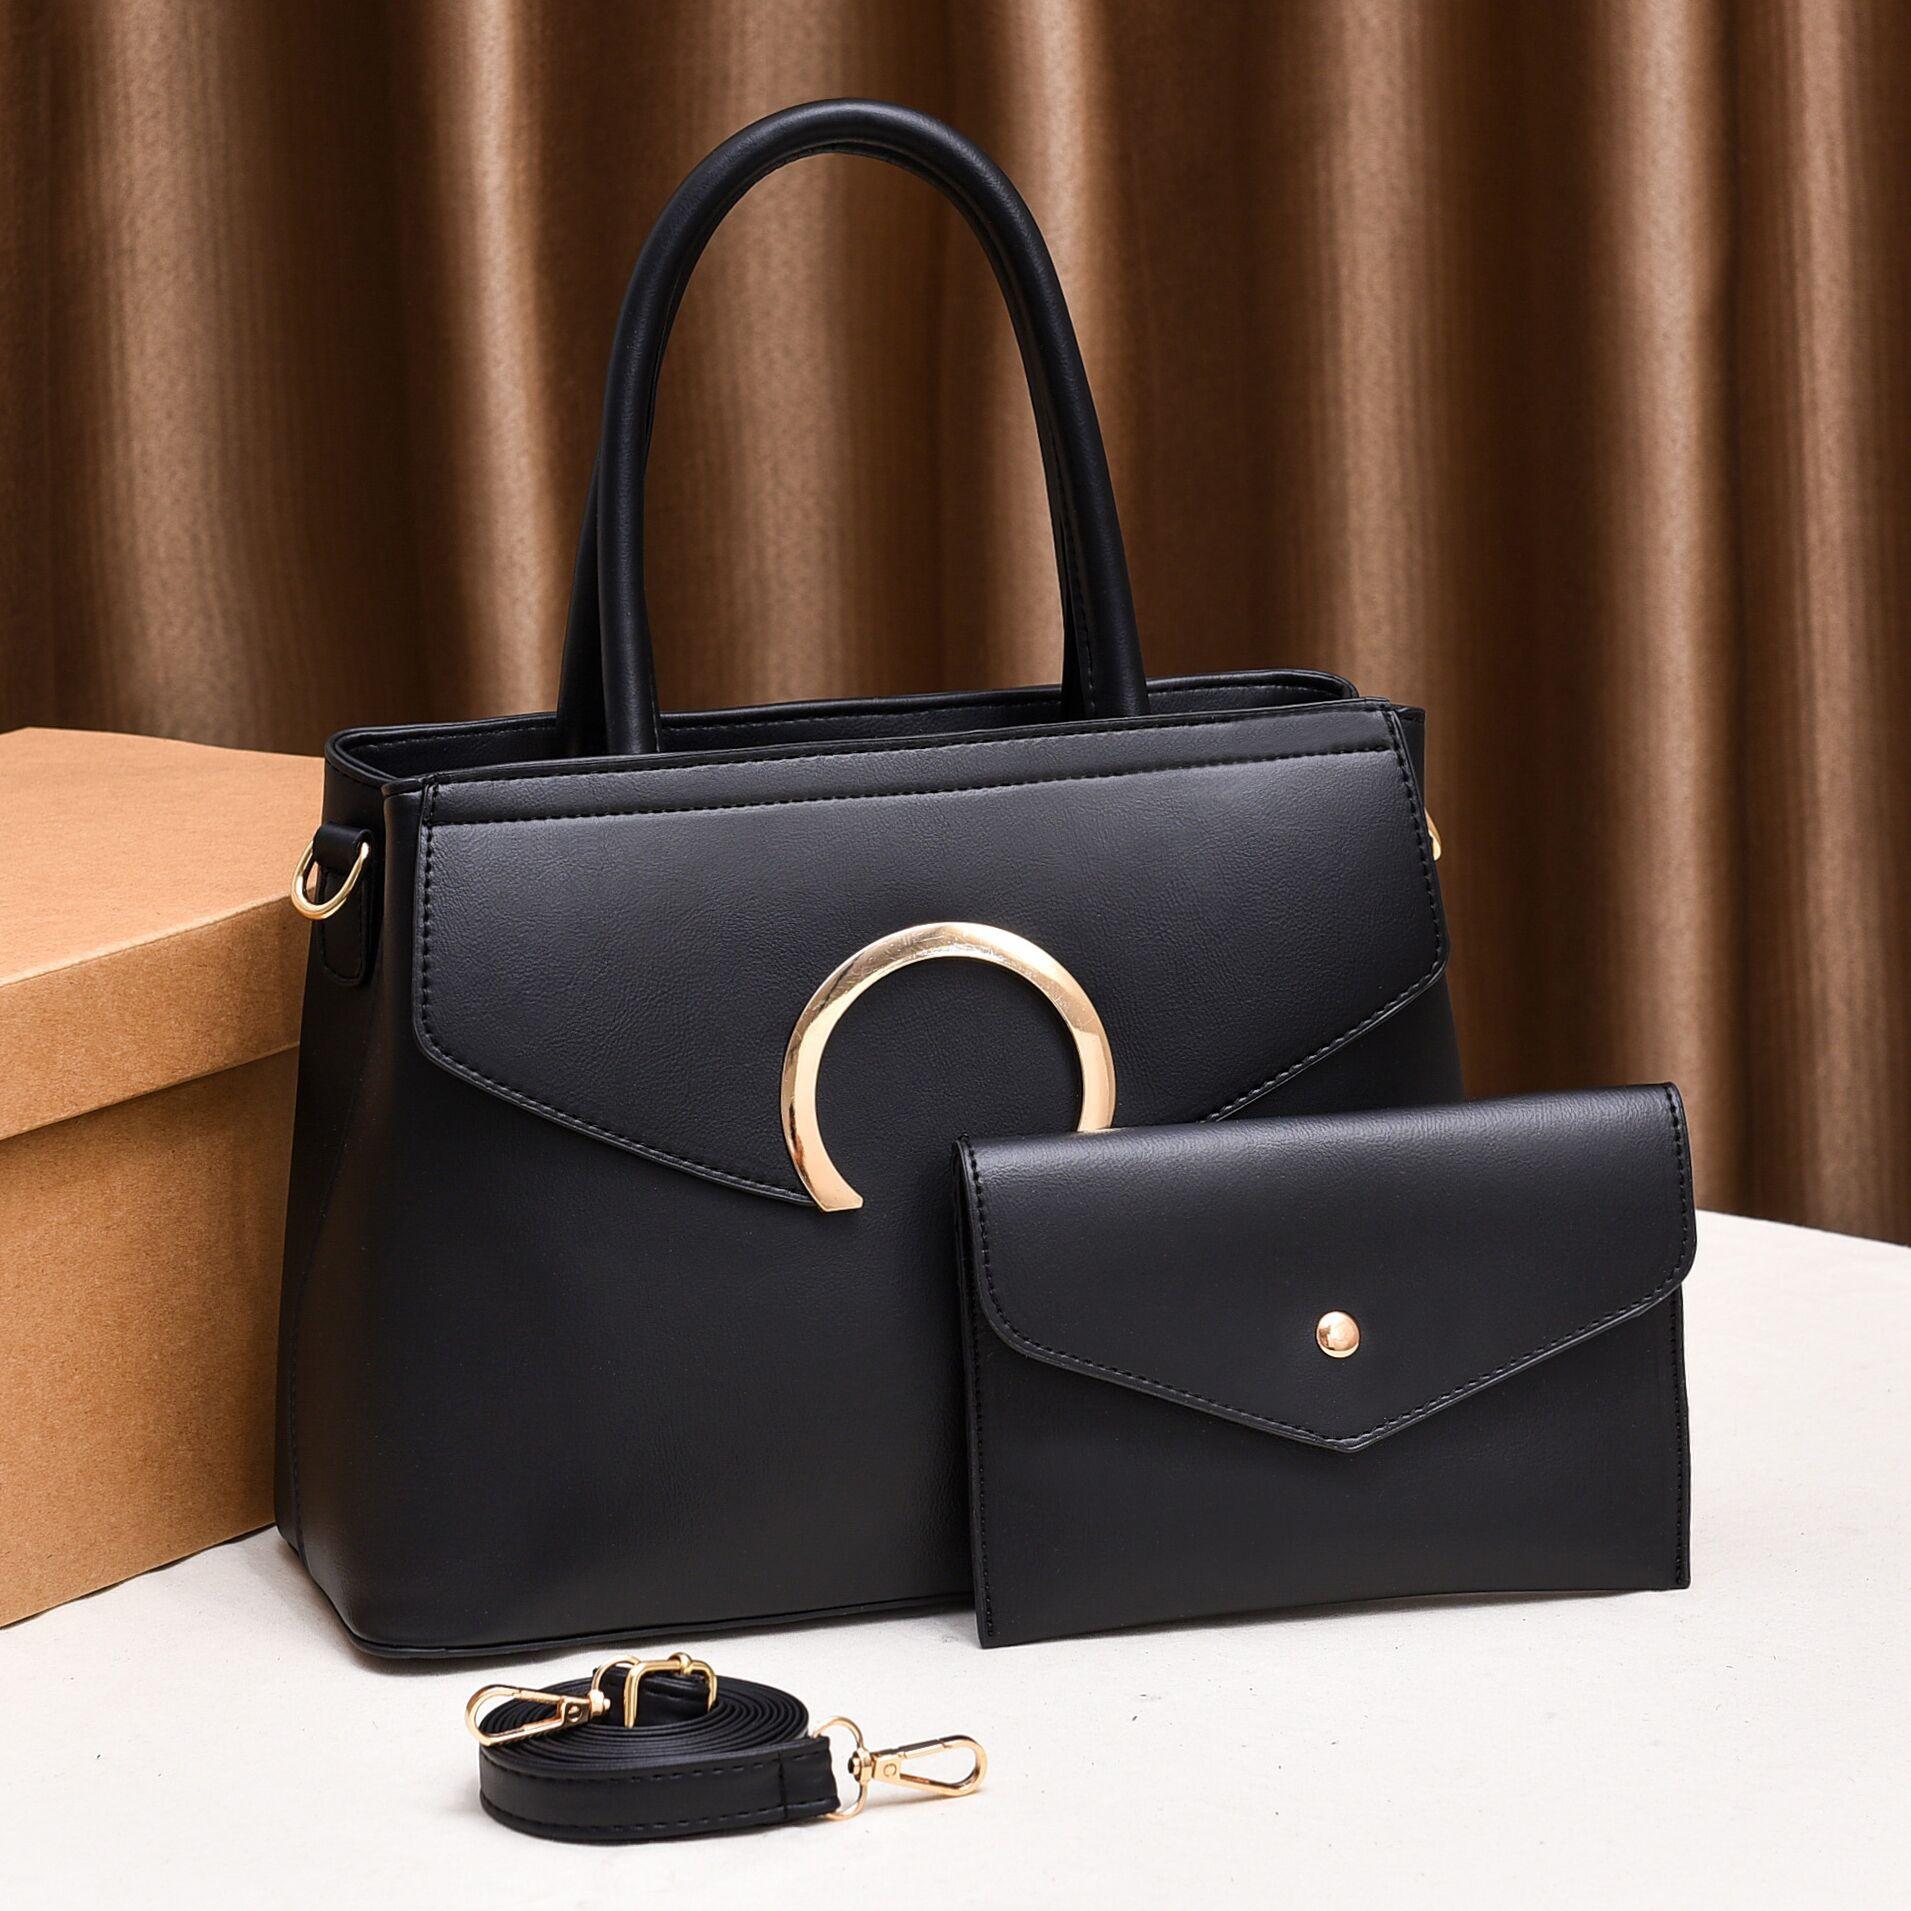 Pu Cheap Brand Women's Bags Designer Flap Fashion Handbag Casual Famous Women...